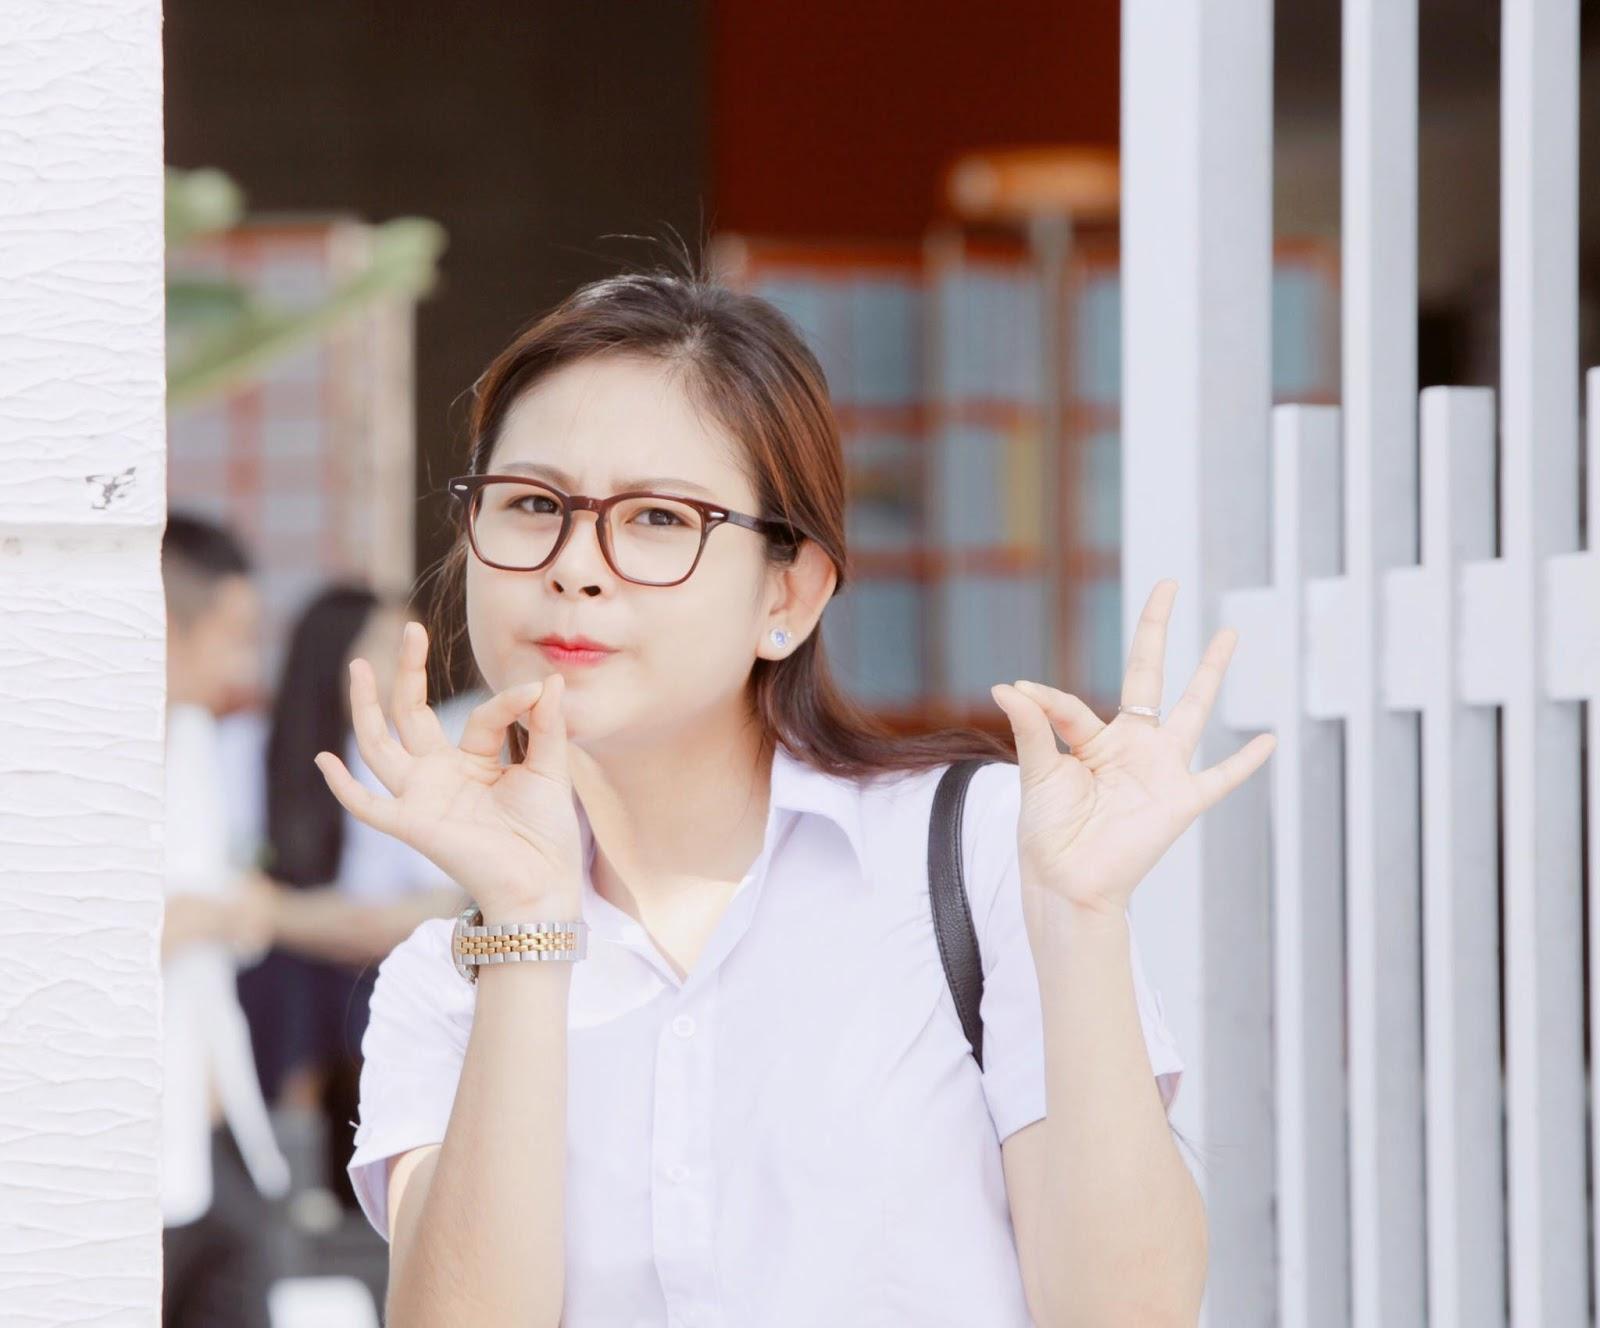 anh do thu faptv 2016 7 - HOT Girl Đỗ Thư FAPTV Gợi Cảm Quyến Rũ Mũm Mĩm Đáng Yêu